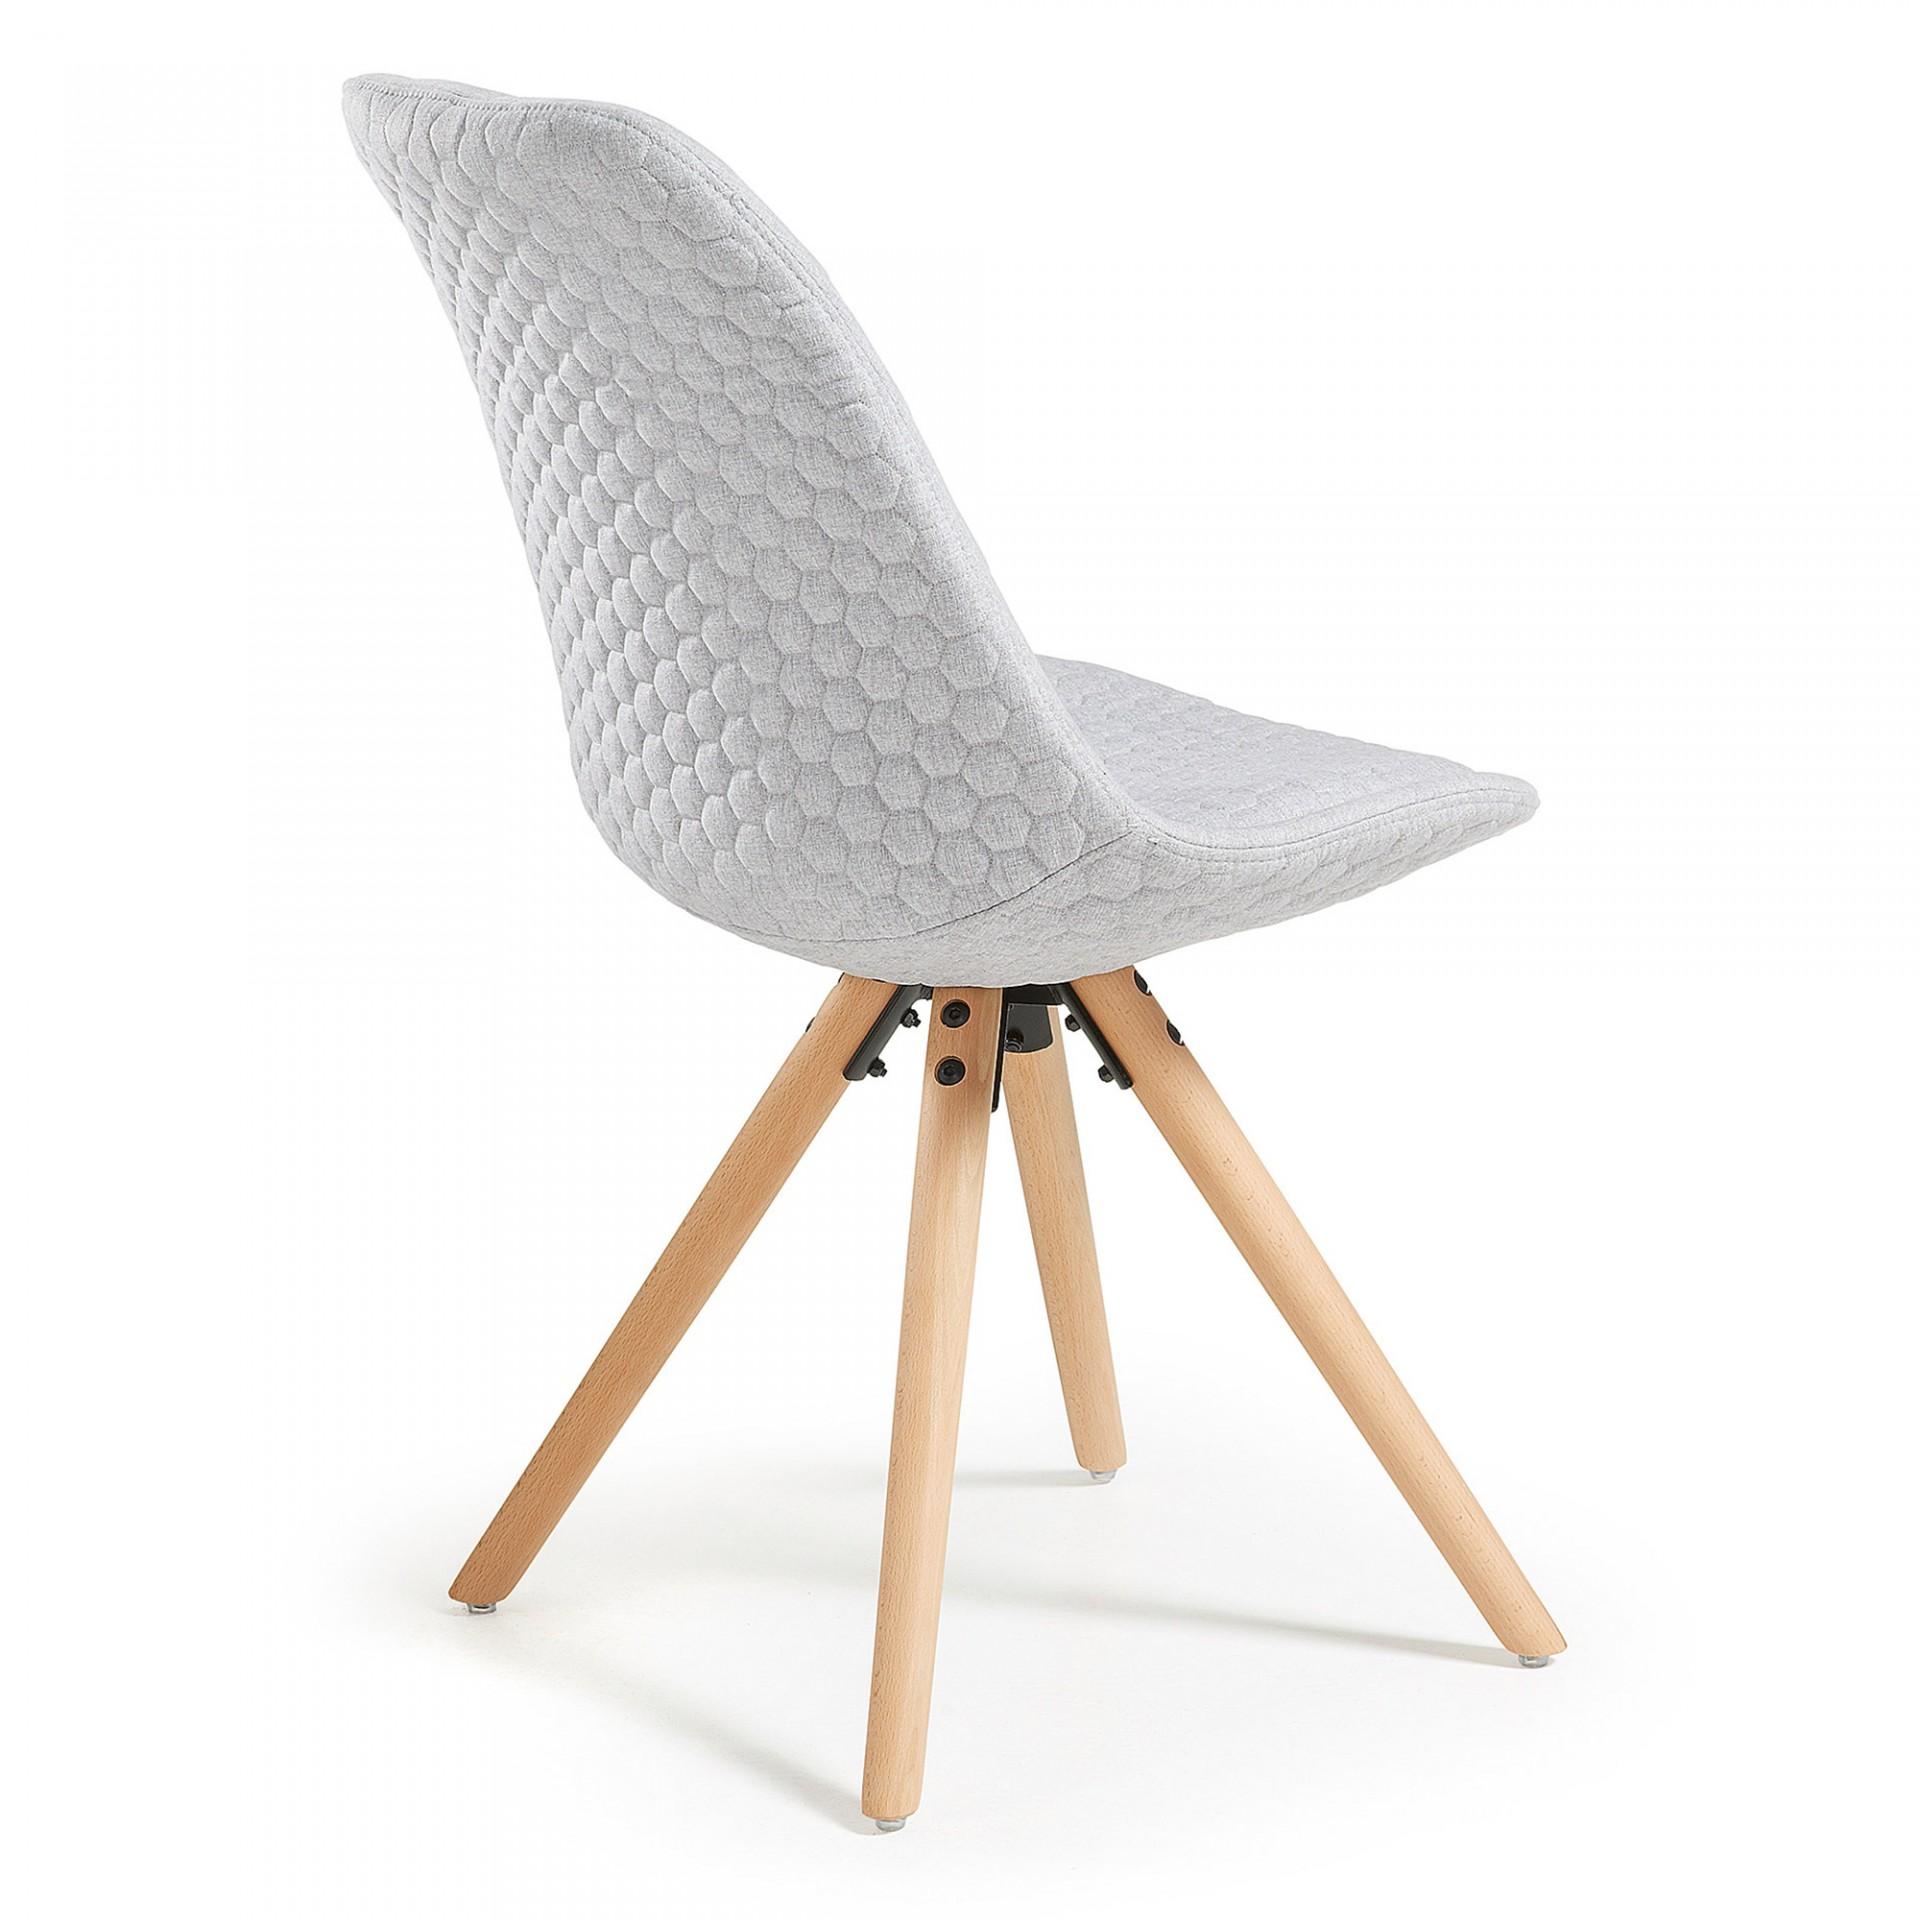 Cadeira Lara, estofada, assento acolchoado, madeira faia